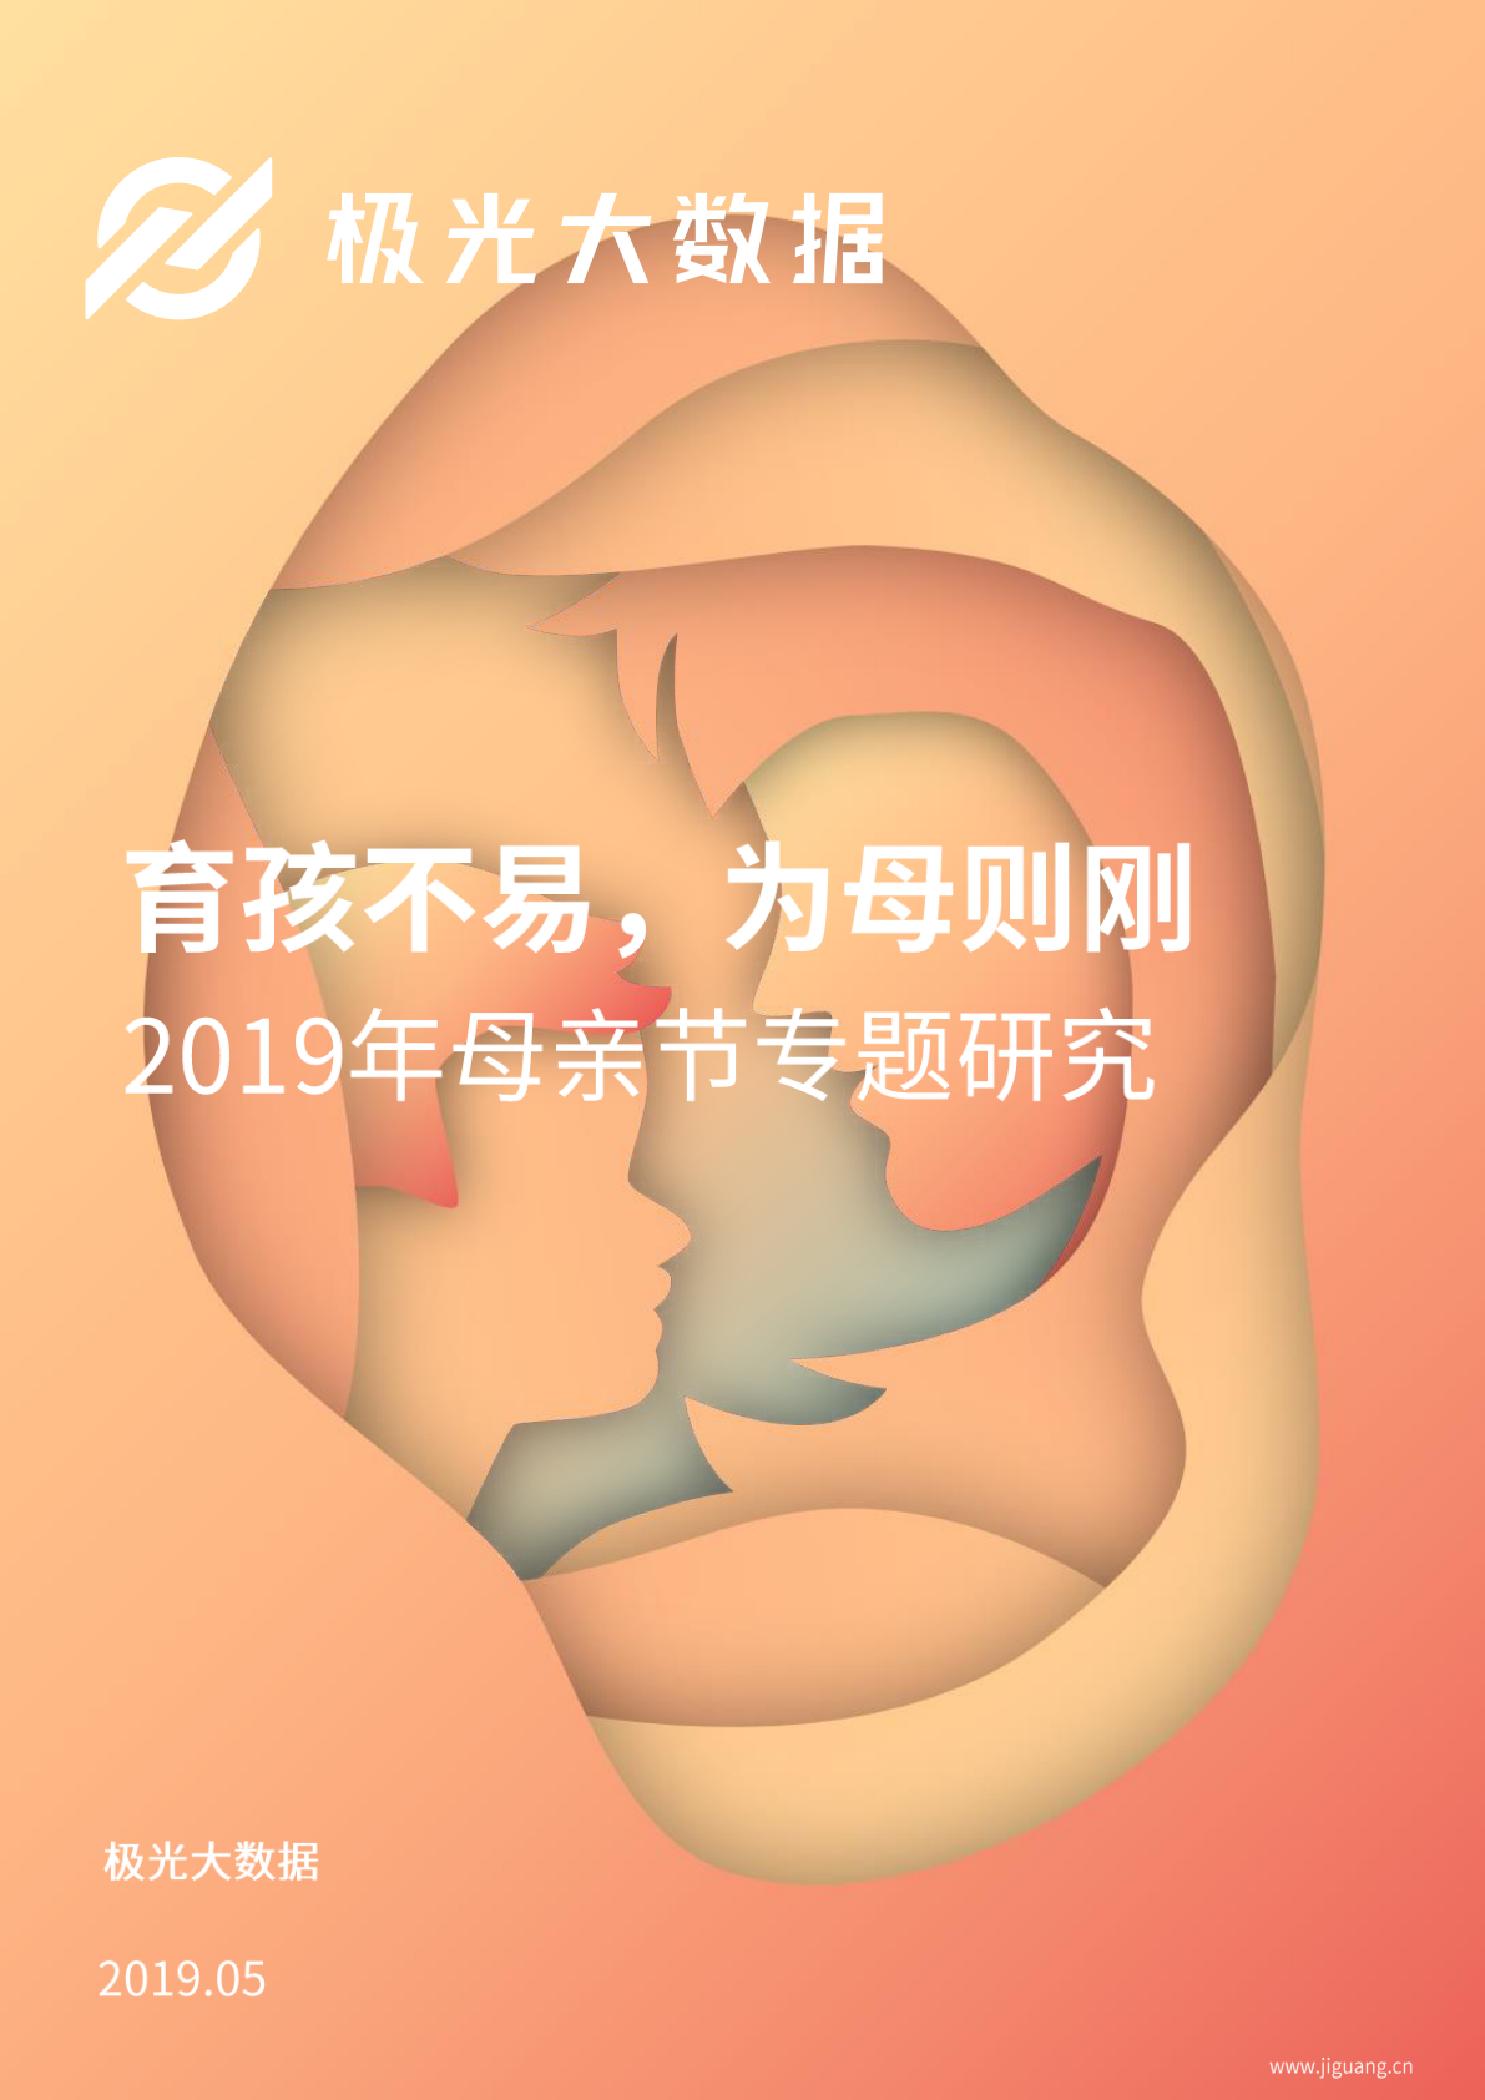 2019年母亲节专题研究